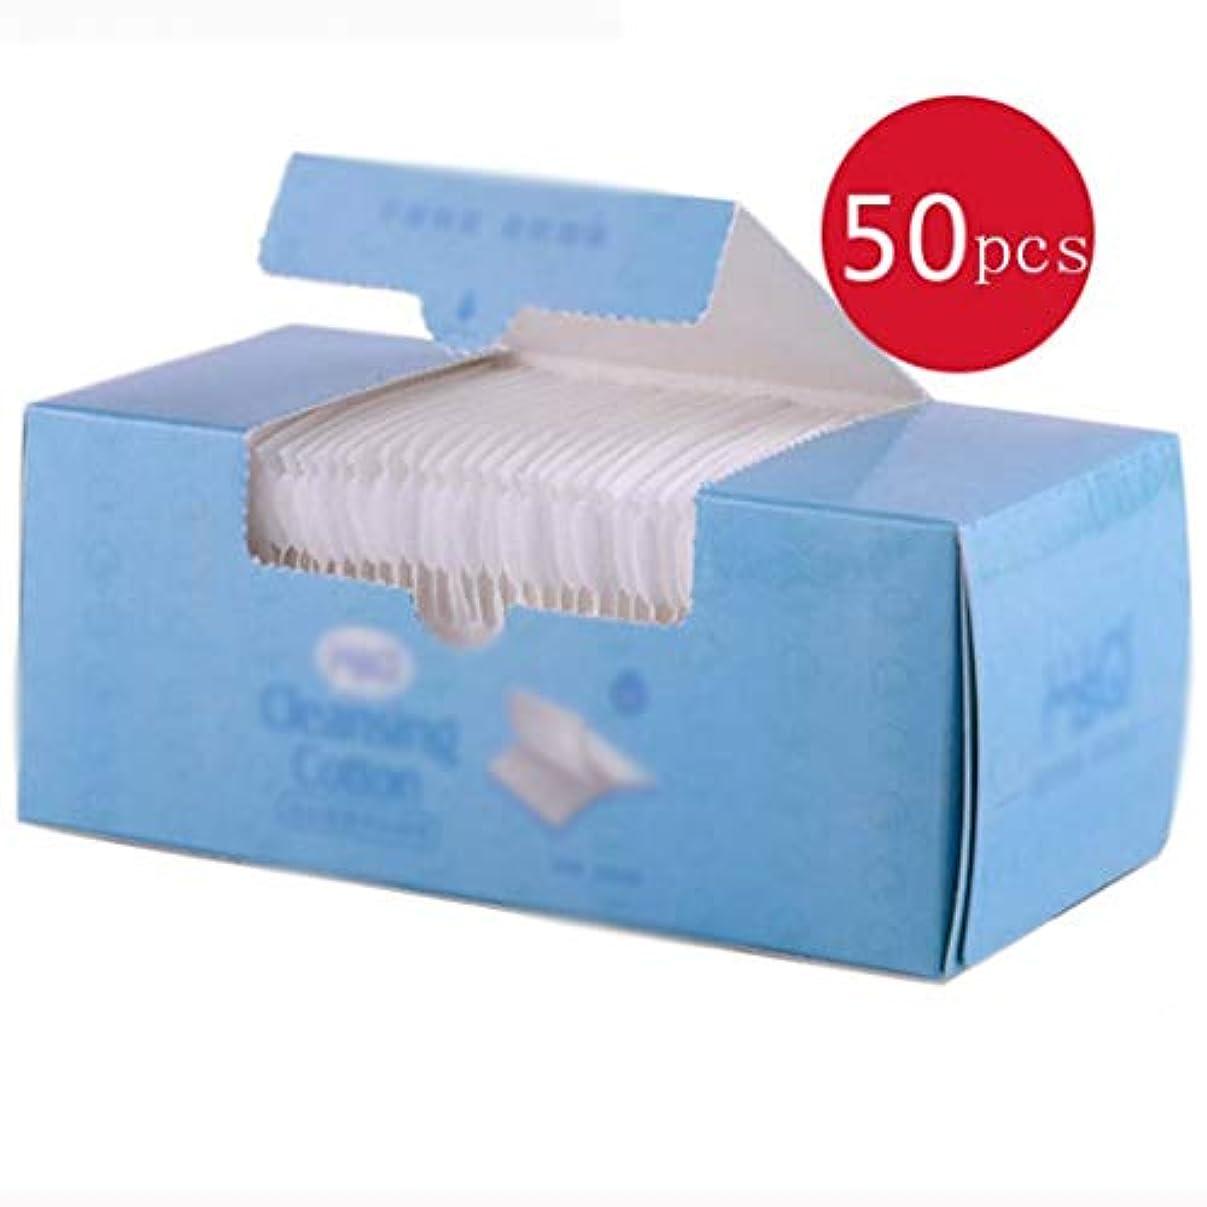 起きる金貸し注釈を付けるクレンジングシート 100%コットンパッドフェイスワイプ50ピース/セット3層ソフトクリーニングコットン両面フェイシャルメイク落とし化粧品ツール (Color : White, サイズ : 5*6cm)